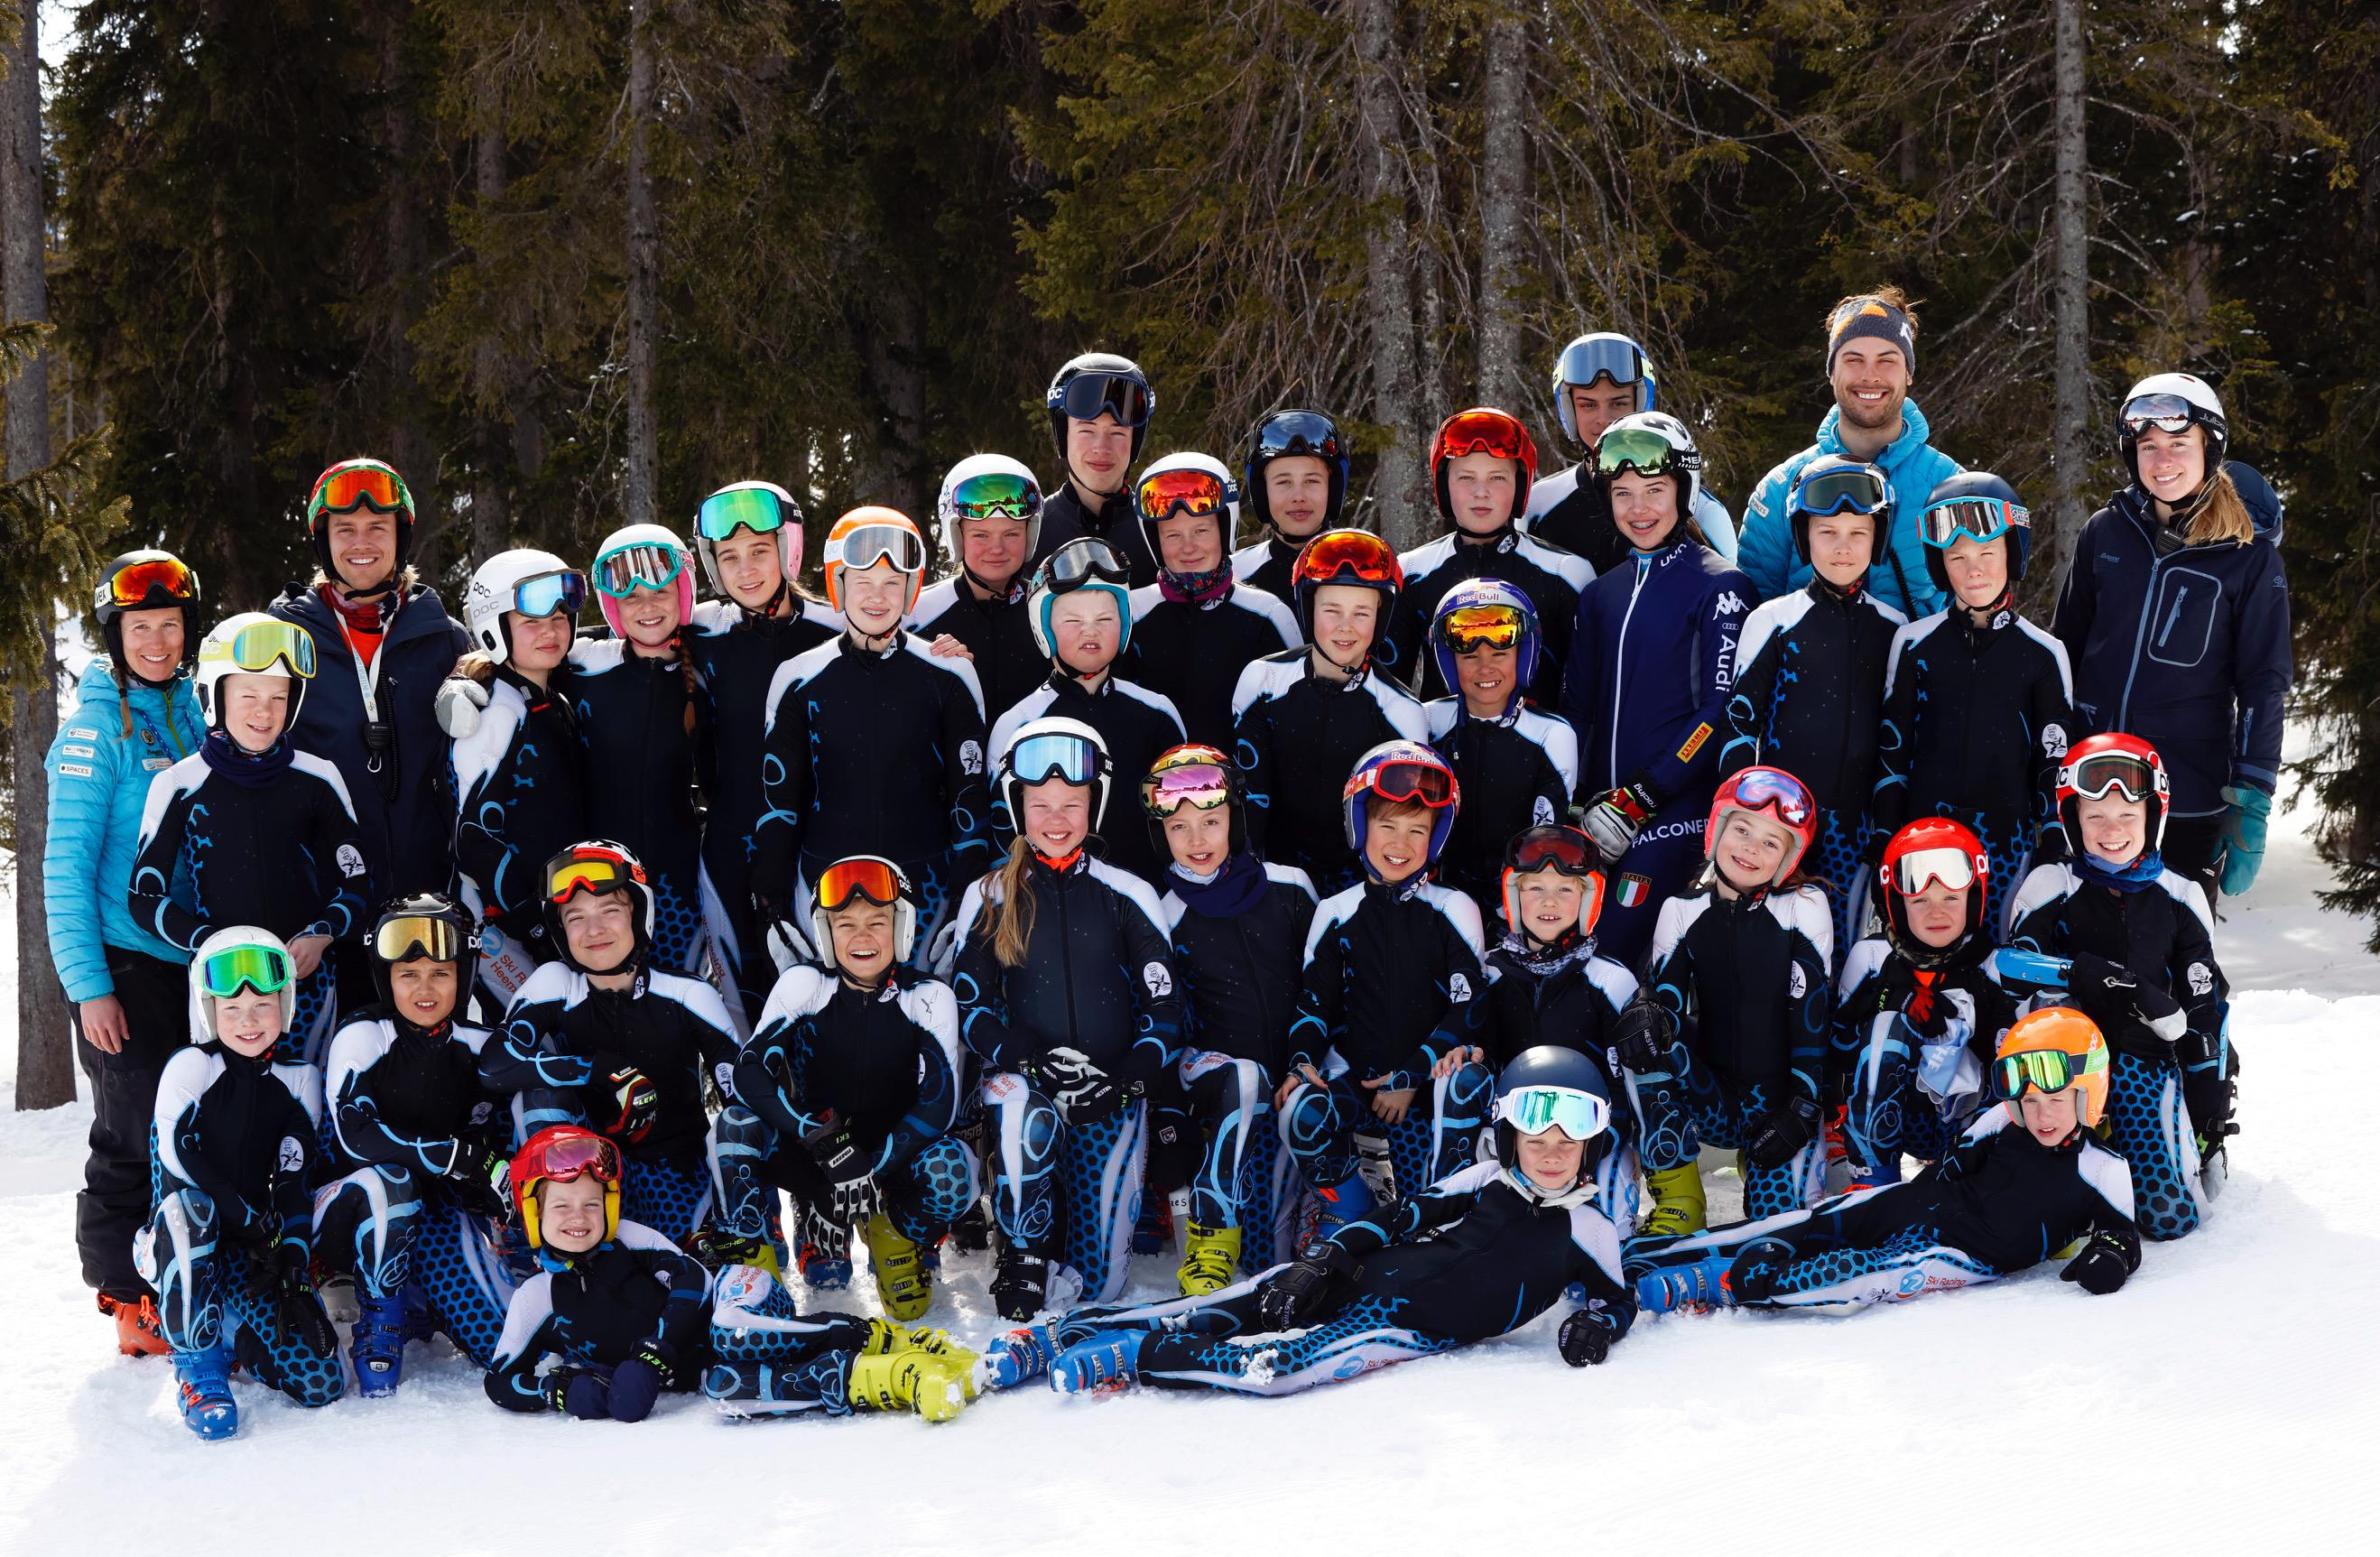 Minder echte sneeuw voor talenten Ski Racing Heemskerk: racers blij met wat ze nog wel kunnen